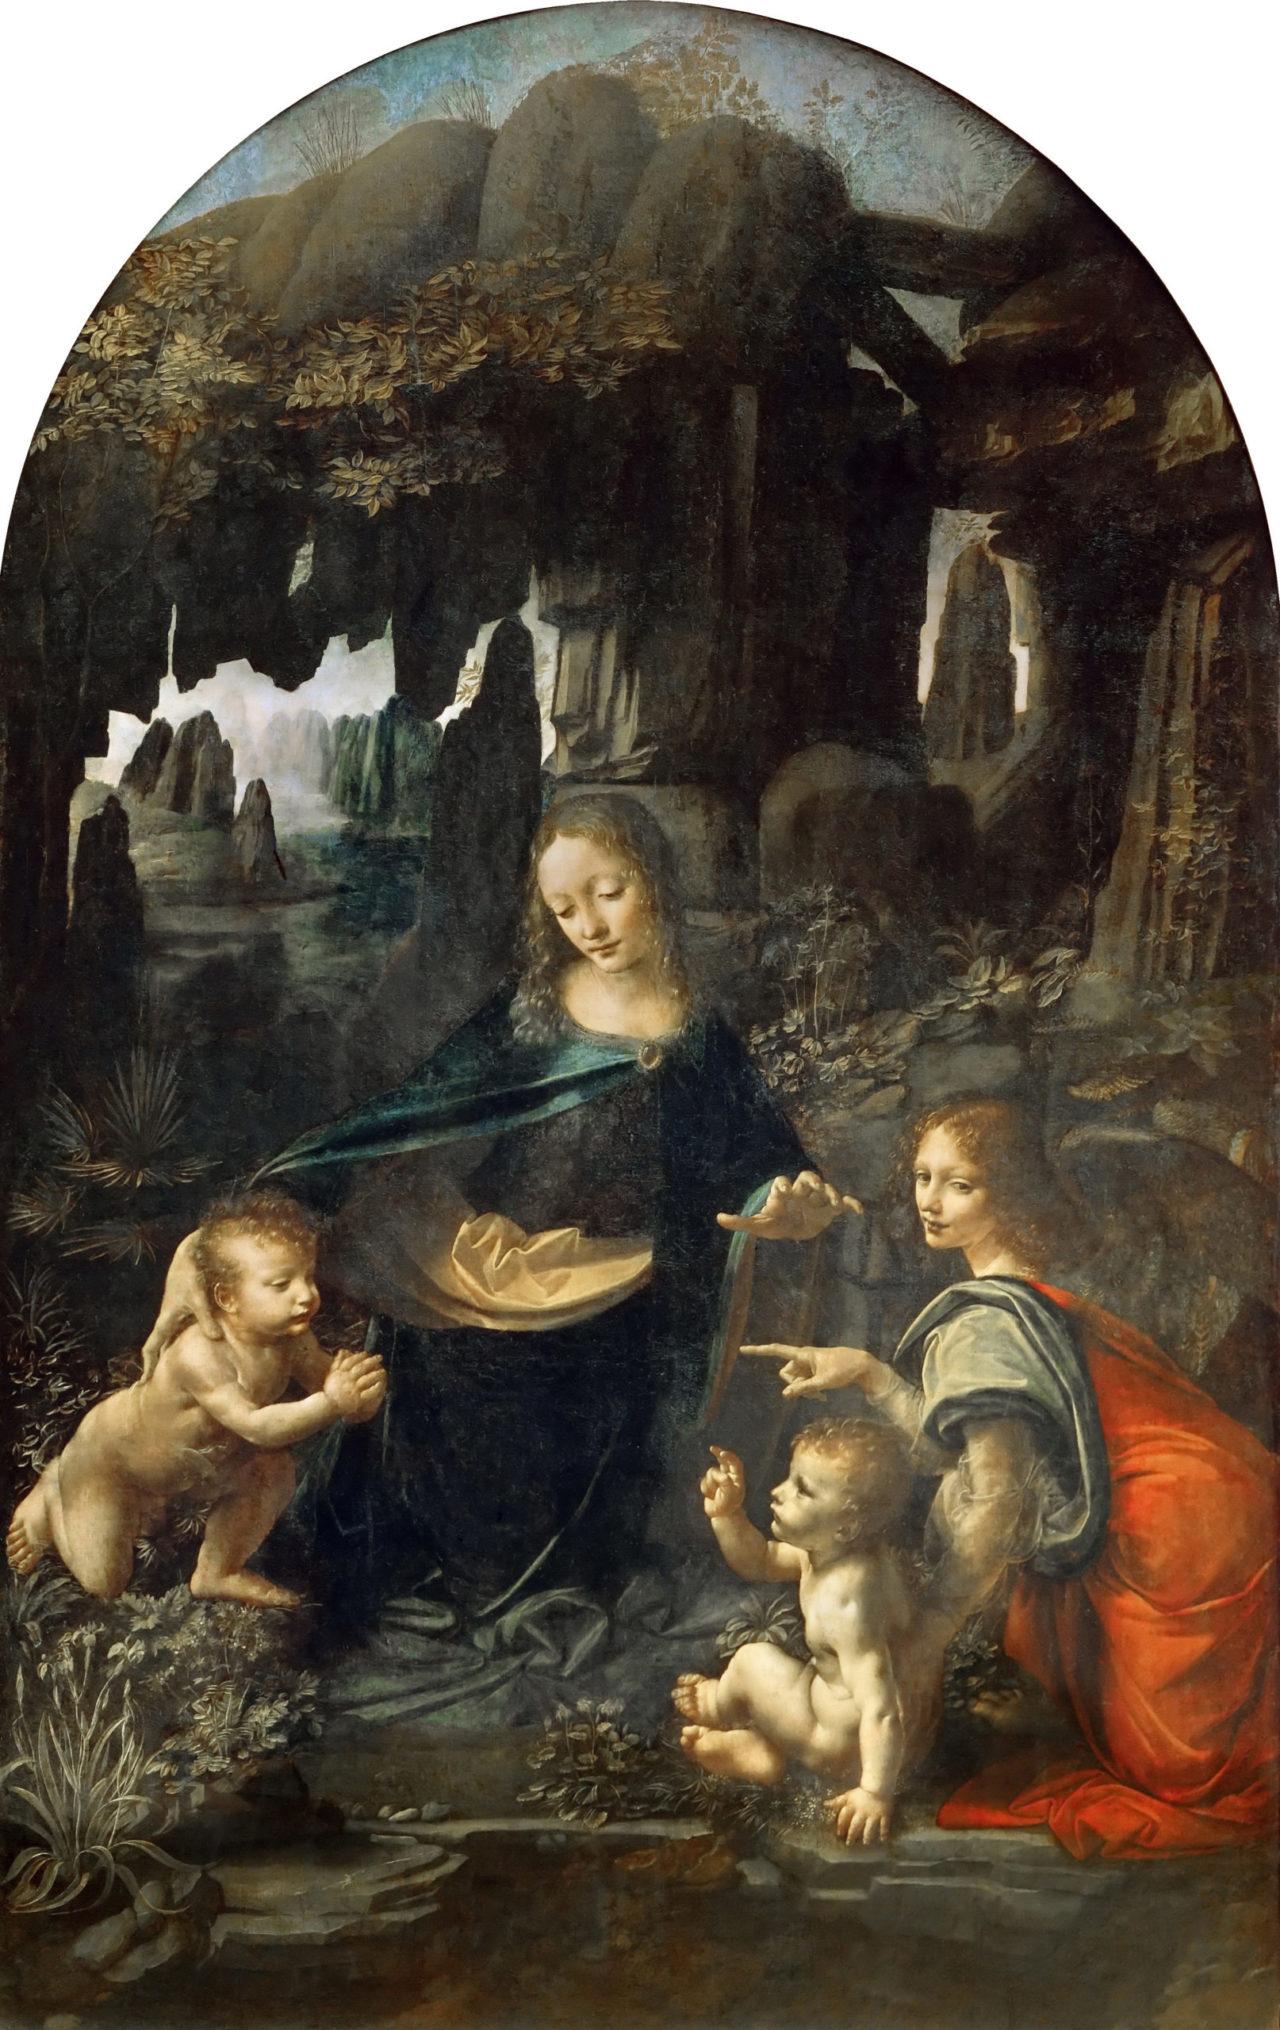 La Virgen de las Rocas, de Leonardo da Vinci, una obra de la que existen dos versiones y que en esta imagen corresponde a la del Louvre